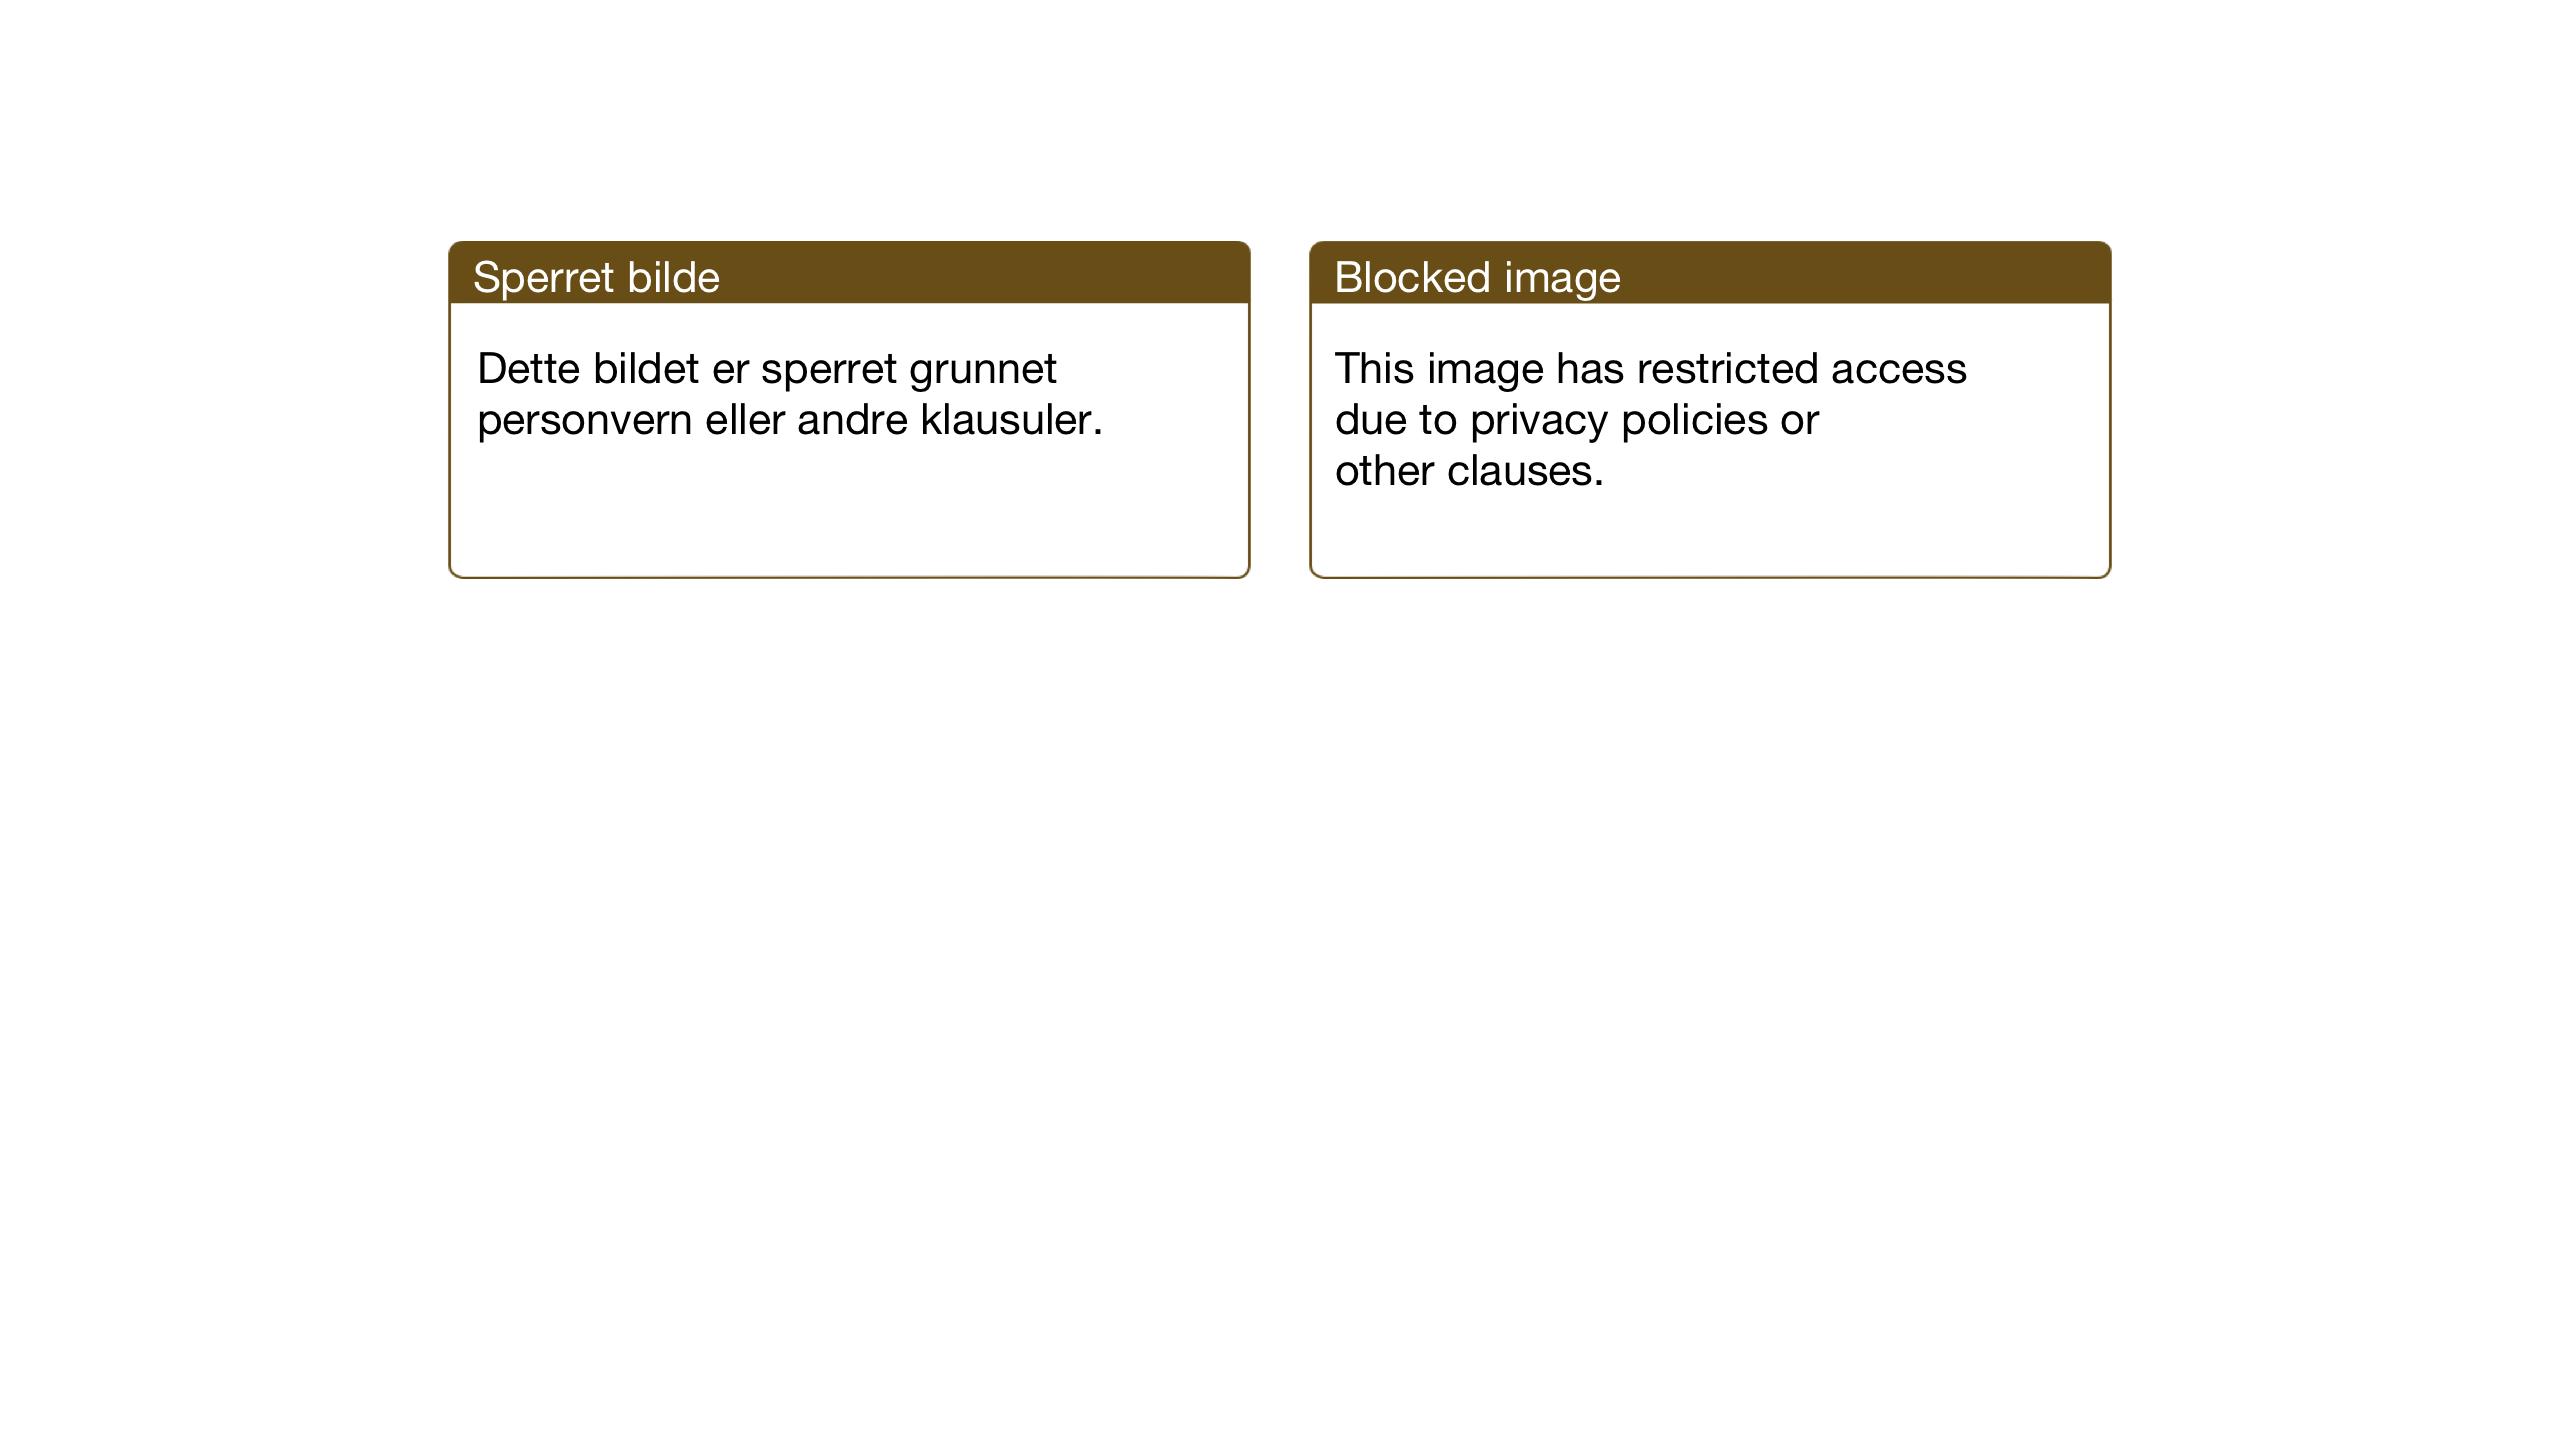 SAT, Ministerialprotokoller, klokkerbøker og fødselsregistre - Sør-Trøndelag, 630/L0508: Klokkerbok nr. 630C06, 1933-1950, s. 64